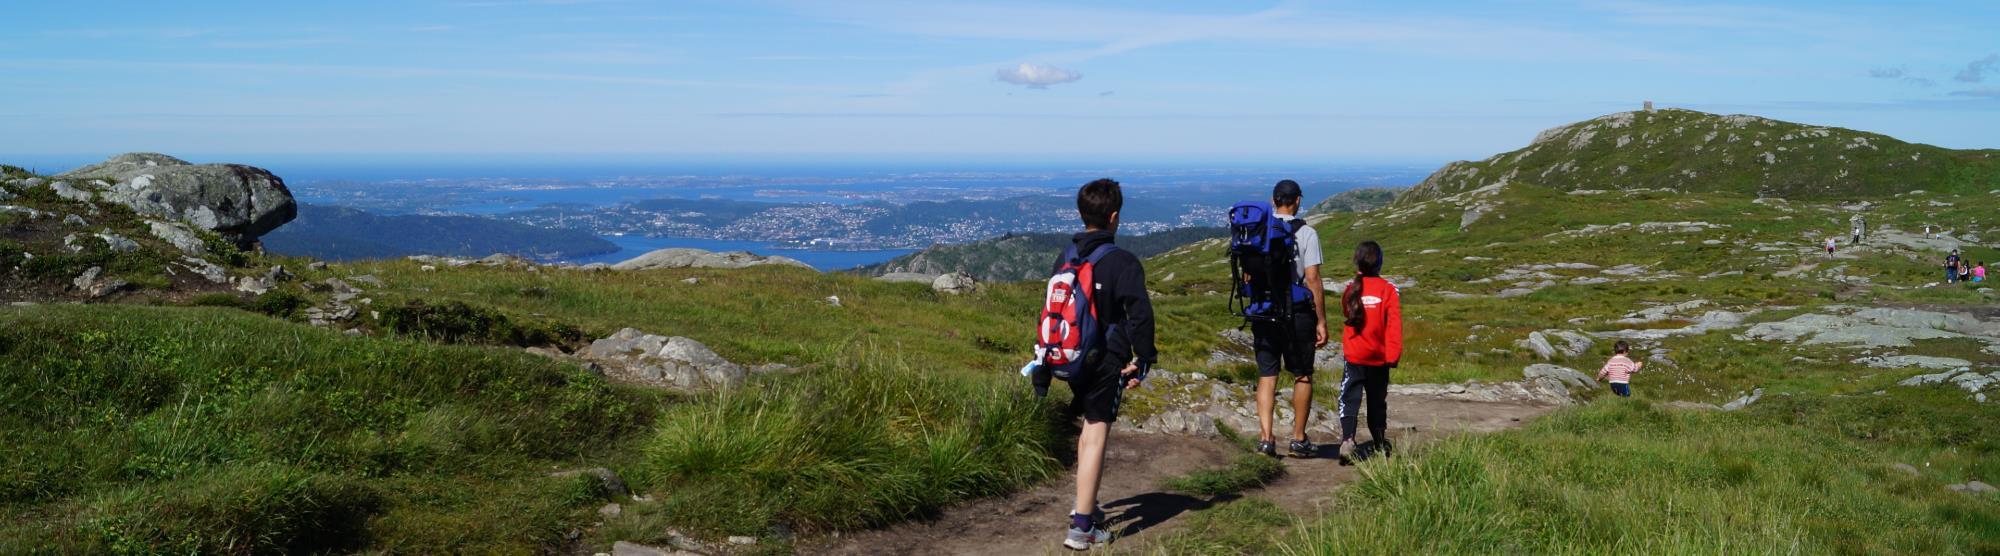 Mountain hike Bergen